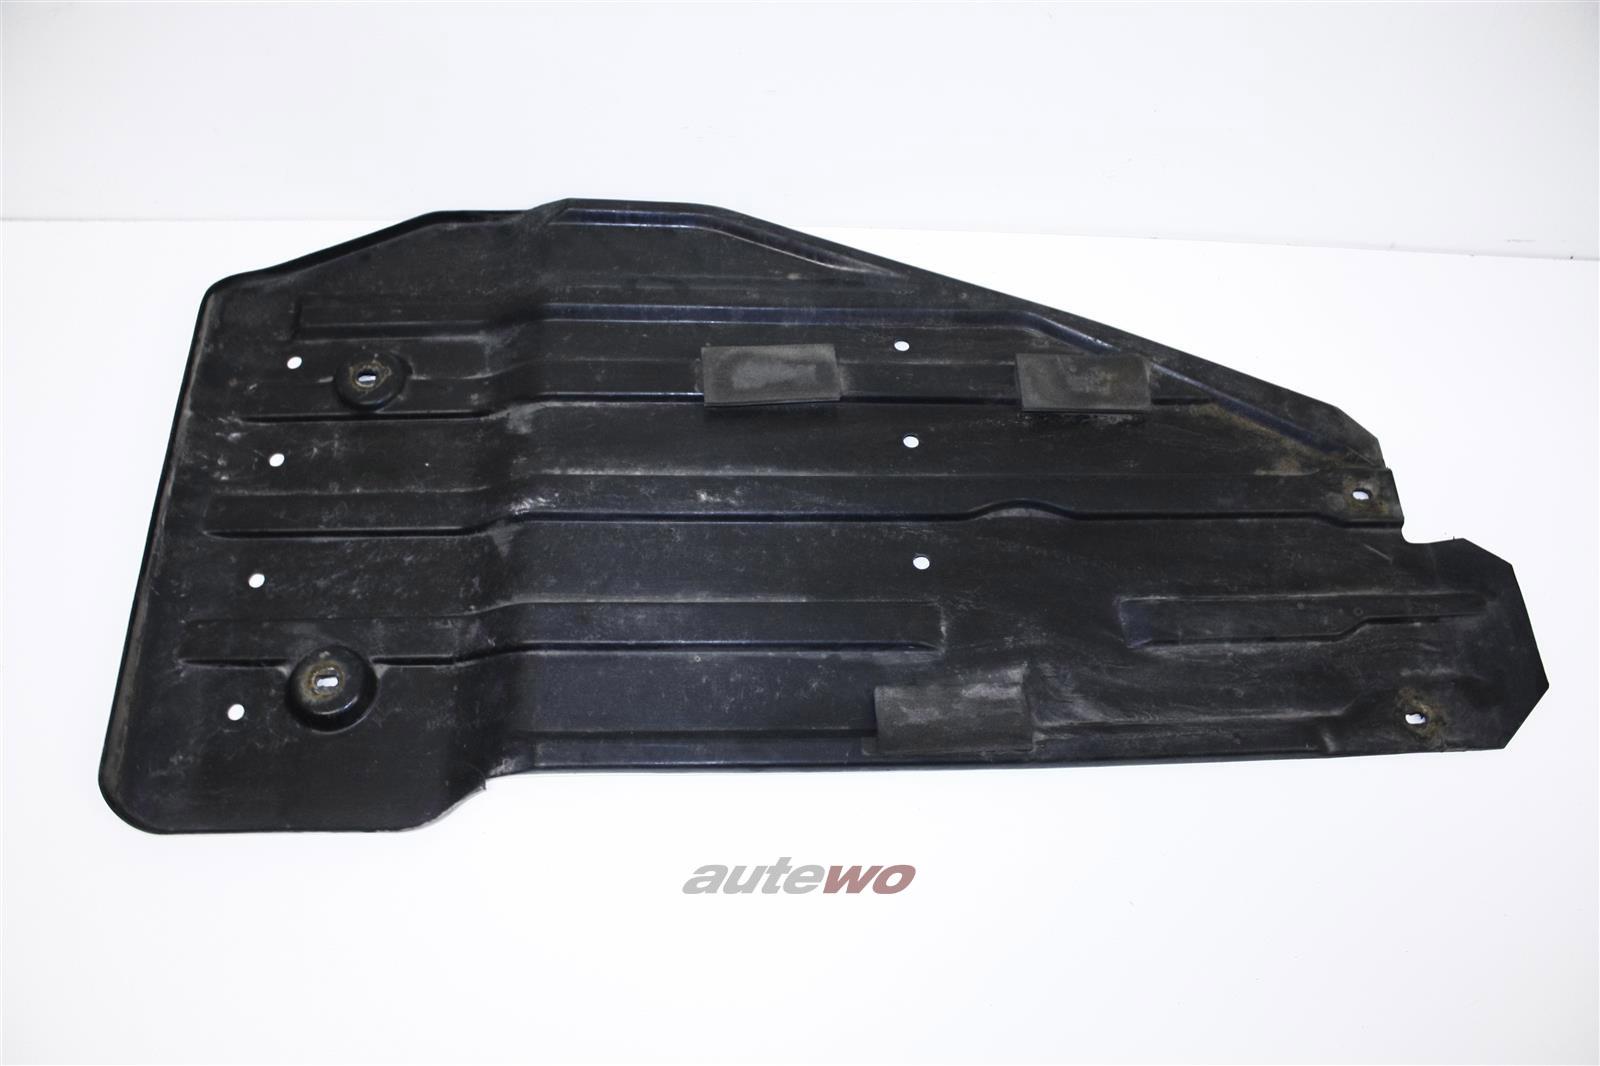 Audi V8 D11 Geräuschdämpfung Unterfahrschutz Tank Hinten 441018957D